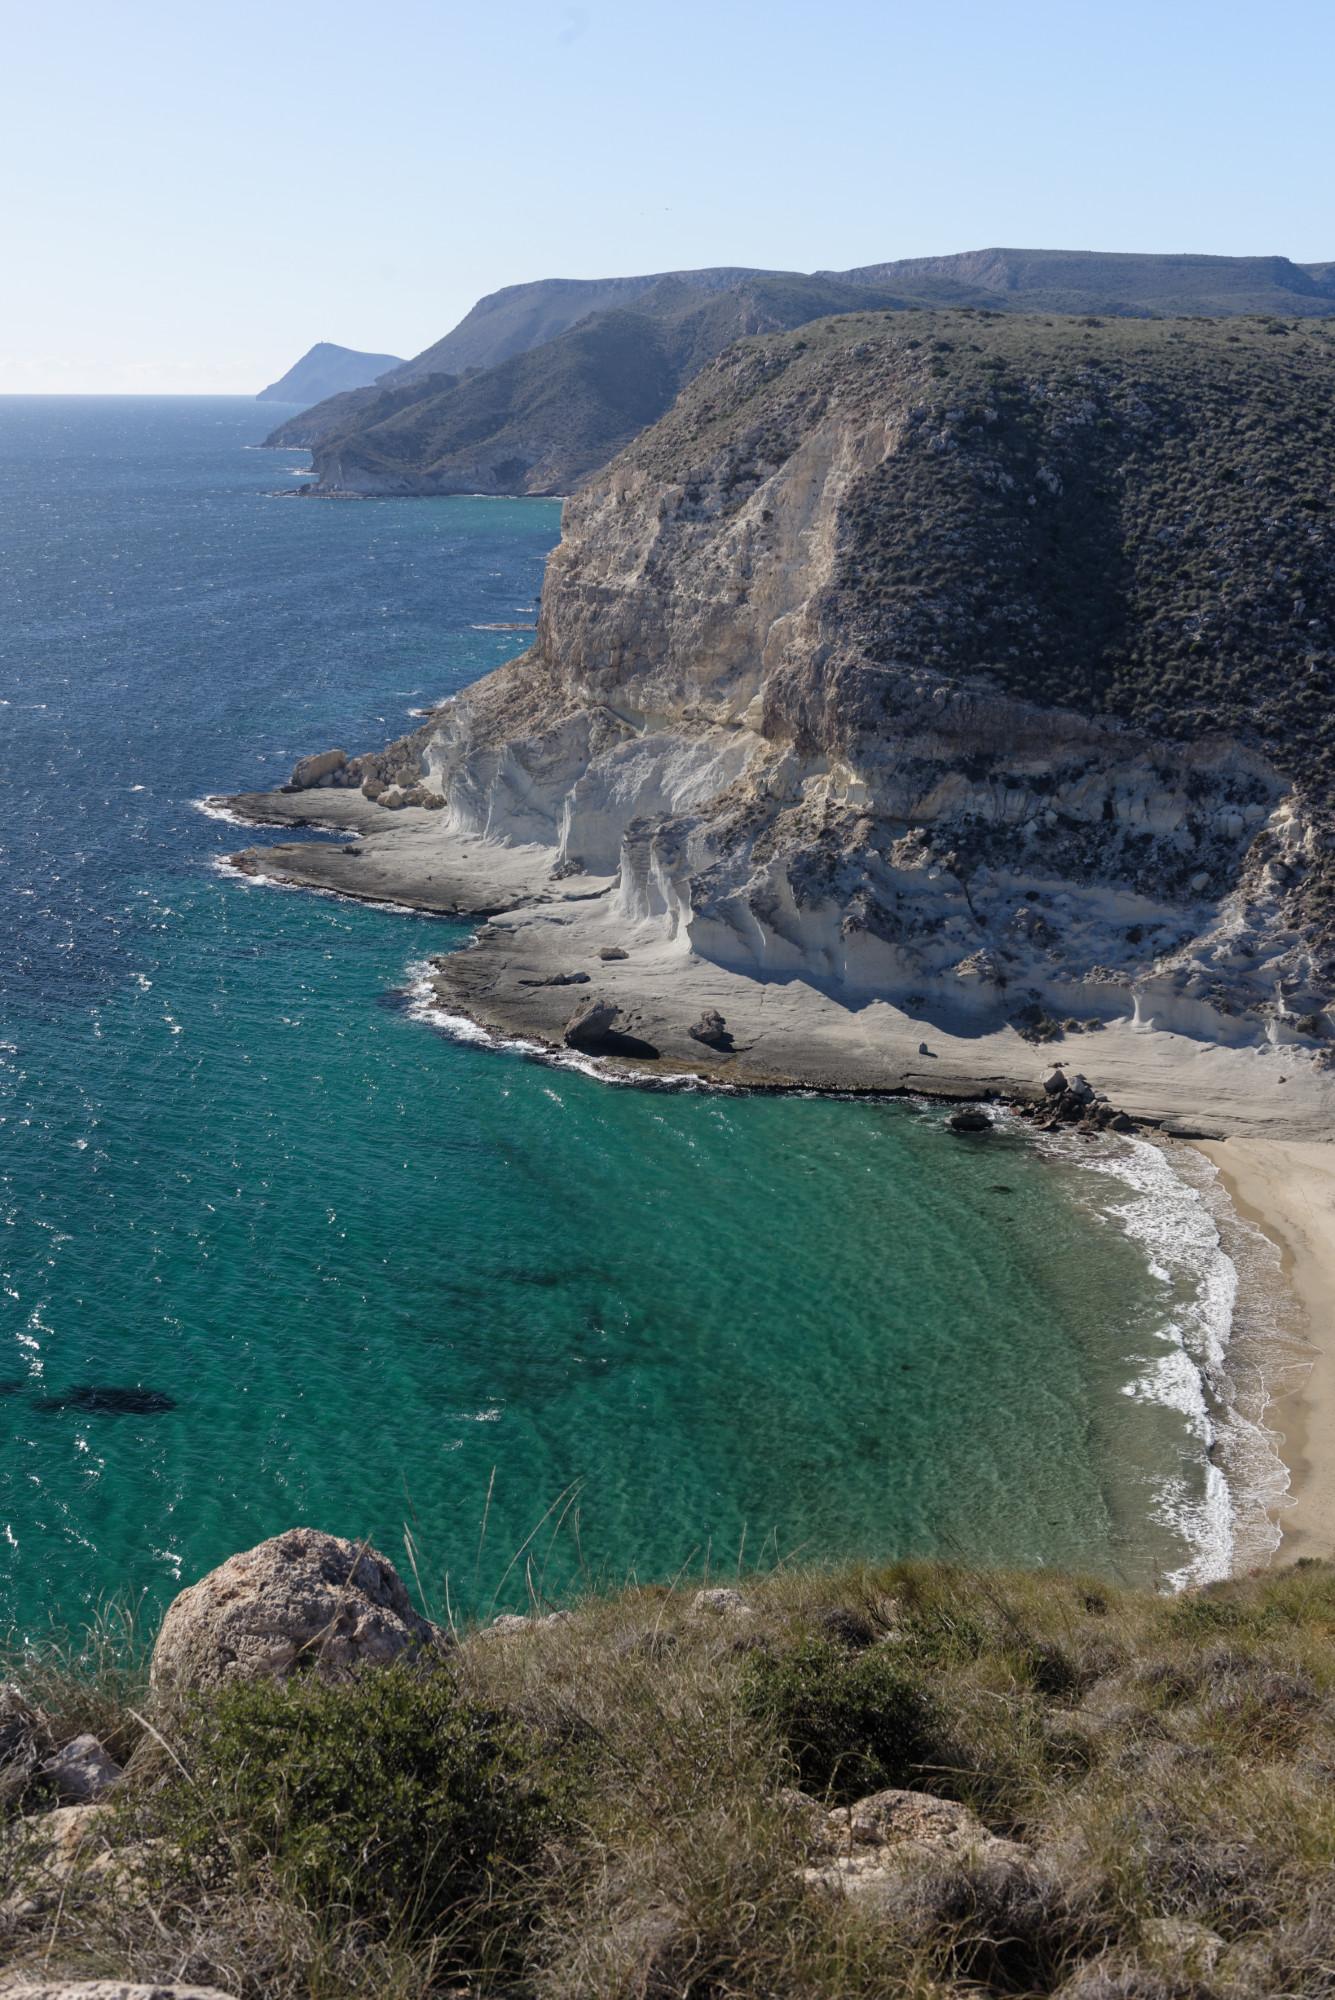 171217-Marche Agua Amarga vers Playa de Enmedio (Cabo de Gata-Andalousie) (40)